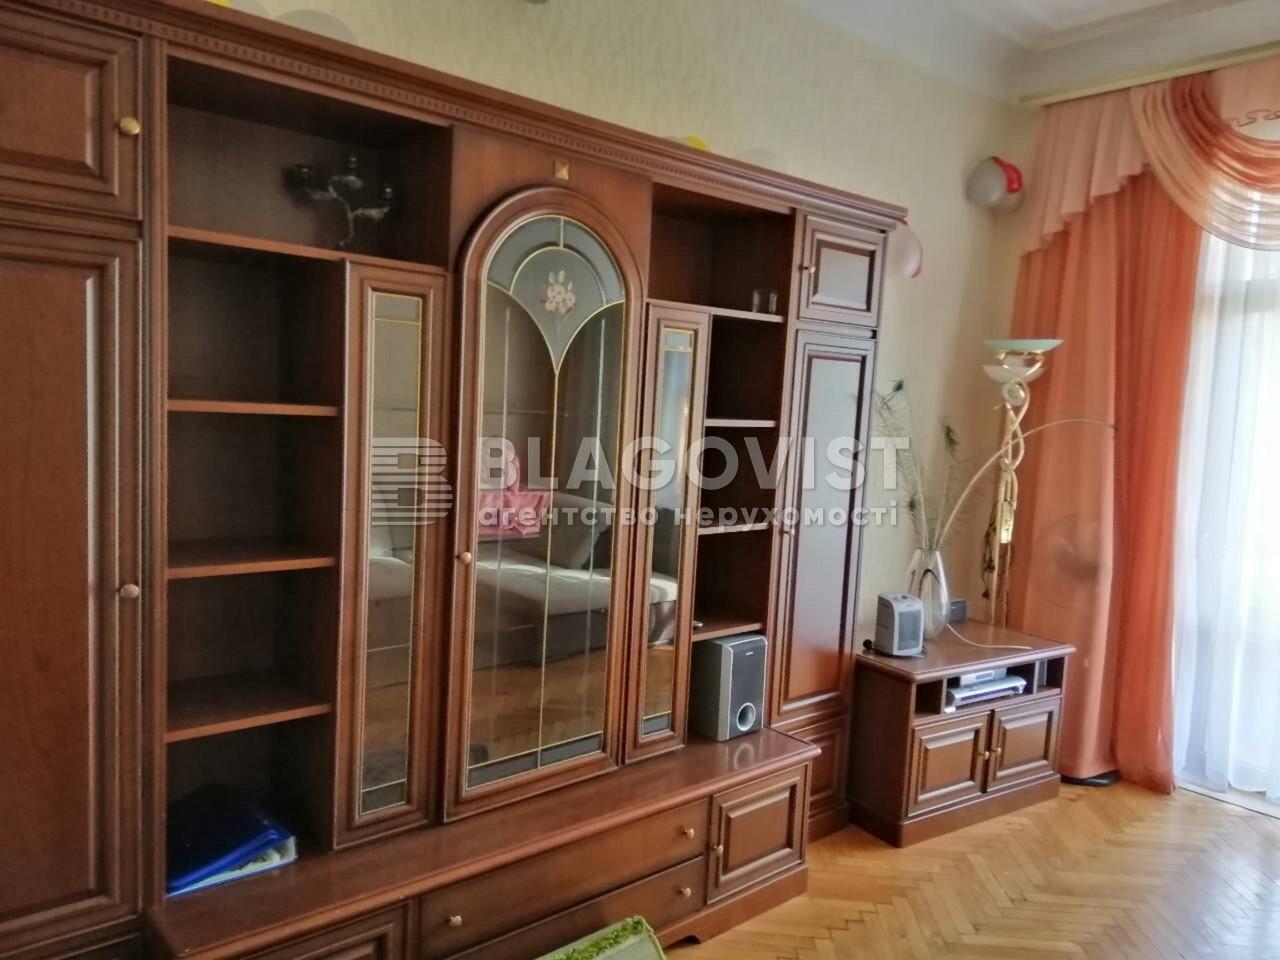 Квартира R-21444, Бойчука Михаила (Киквидзе), 5, Киев - Фото 4